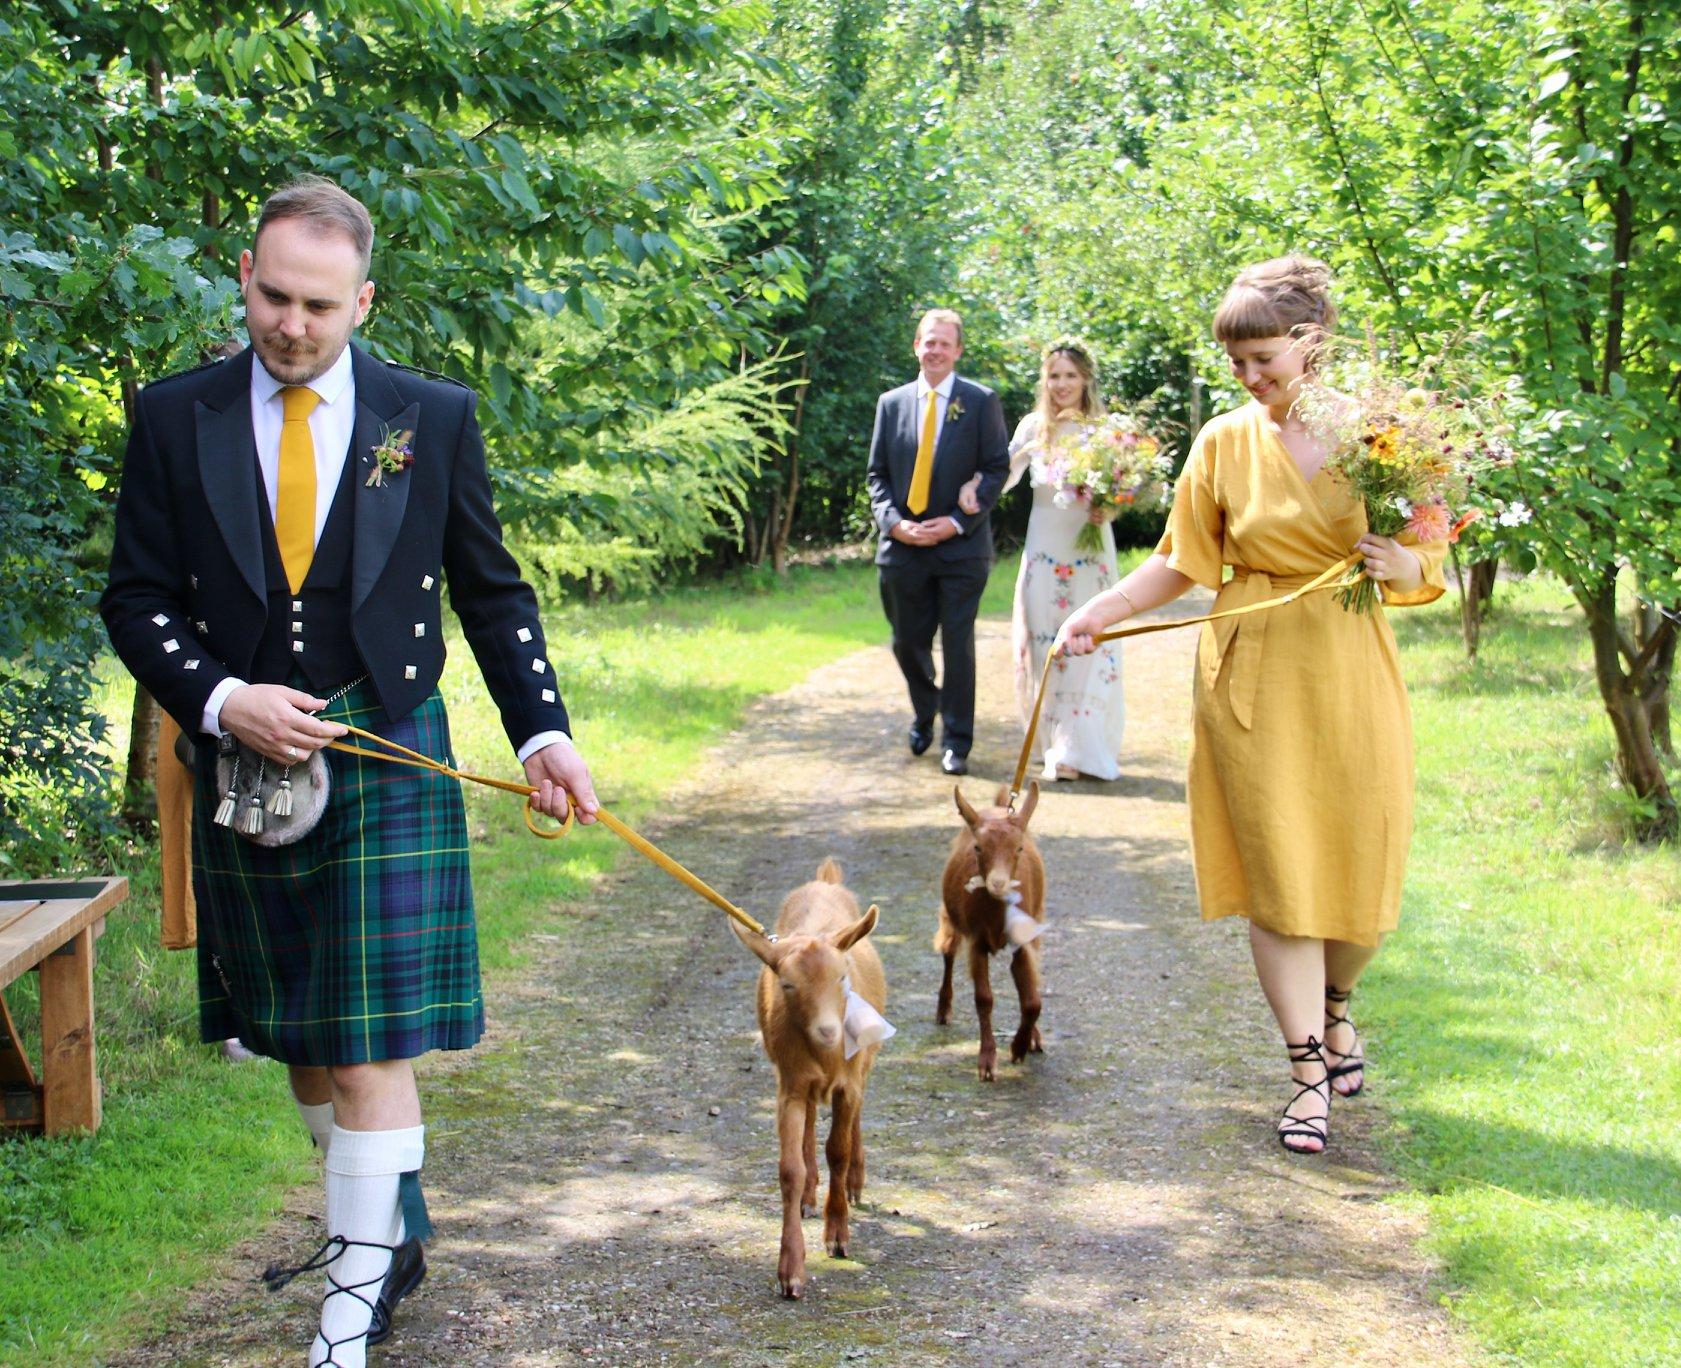 goat kids bearing wedding rings at woodland wedding